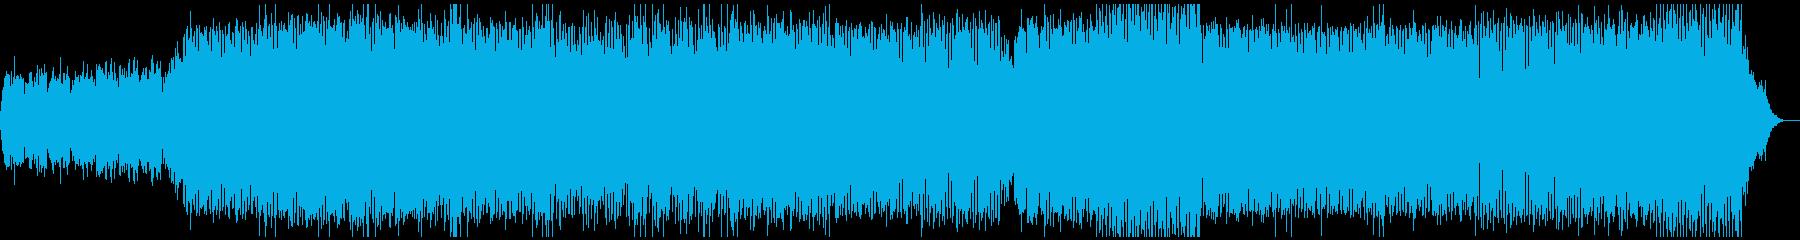 上昇気流をイメージしたミニマルテクノの再生済みの波形